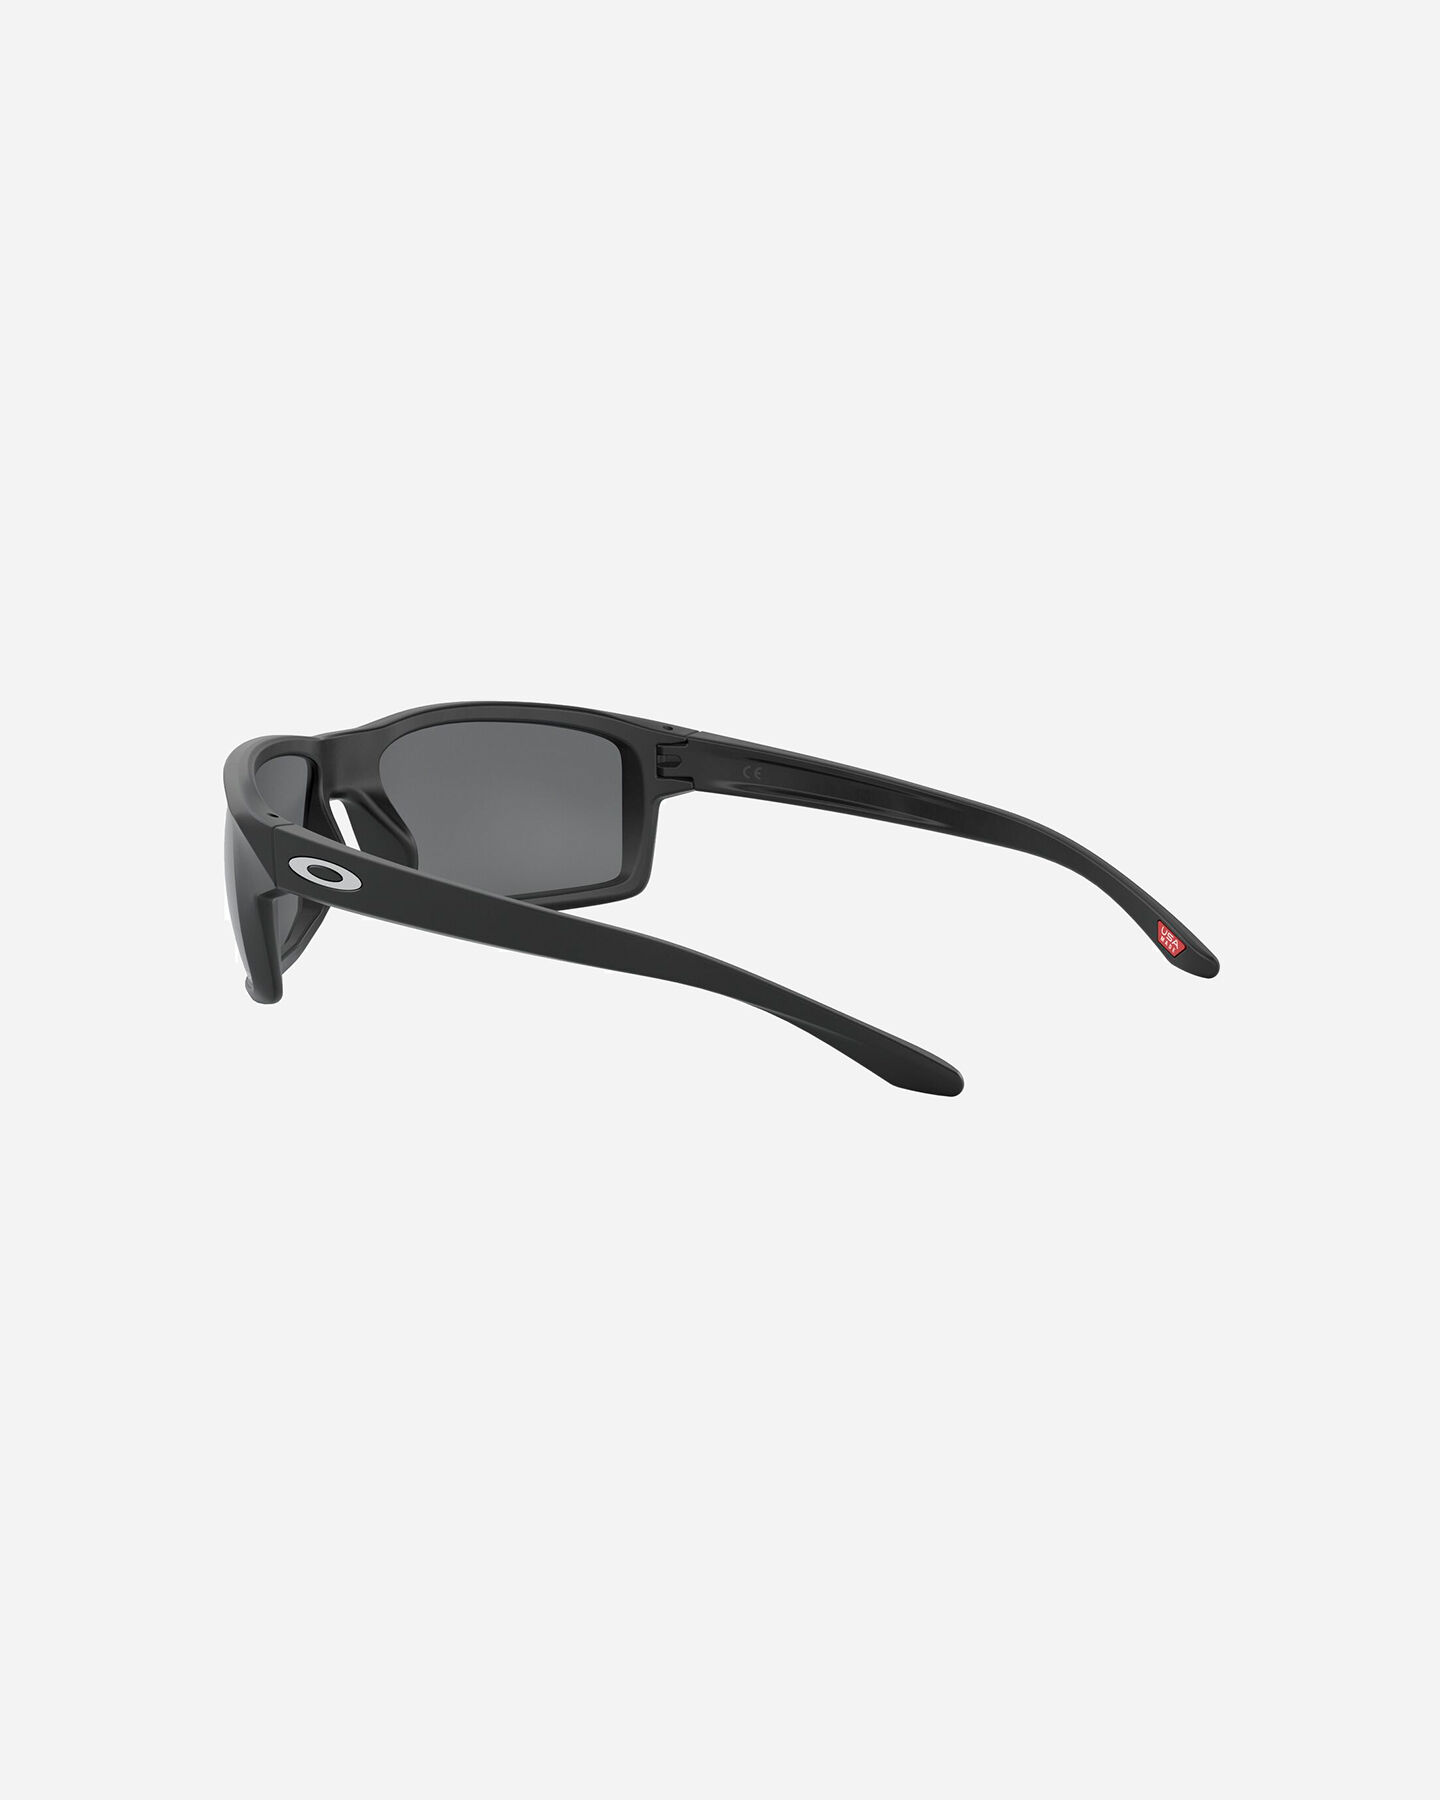 Occhiali OAKLEY GIBSTON S5221238|0360|60 scatto 4